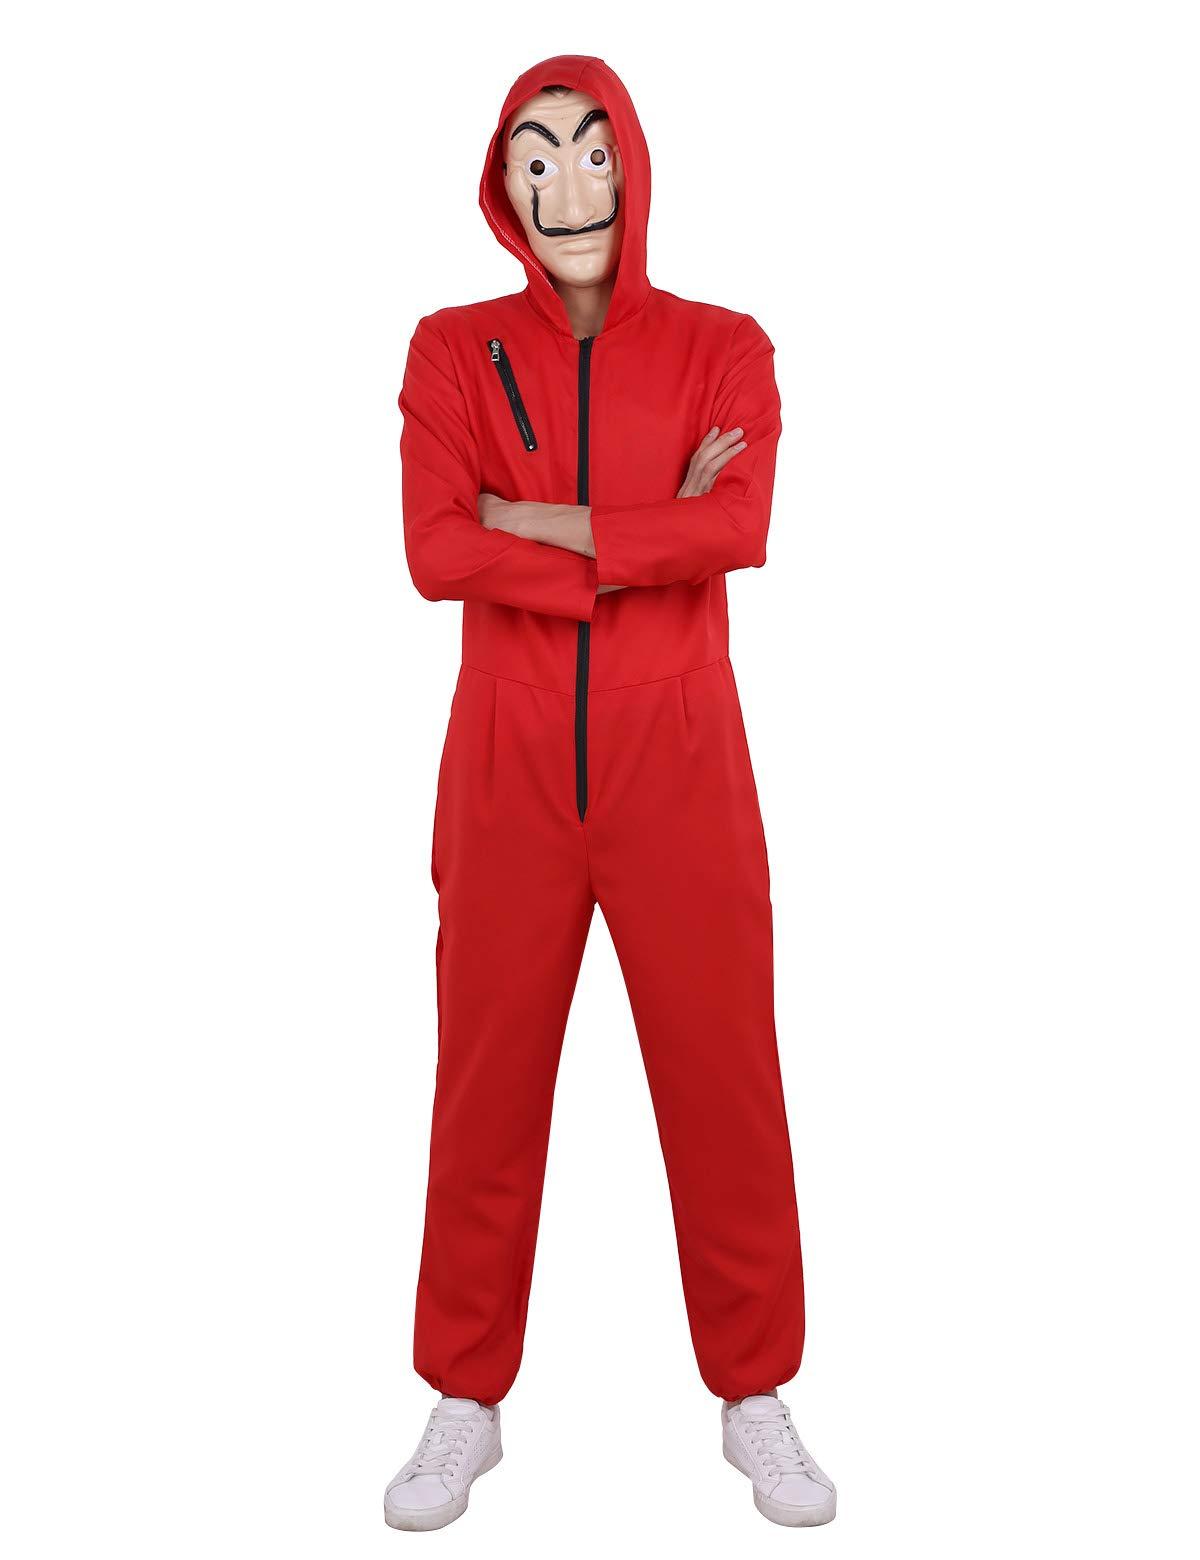 IEFIEL Tuta Costume da Rapinatore la Casa di Carta per Adulto Cosplay Uomo  Carnevale Halloween Festa Party Body Rosso con Maschera Cappuccio Donna  Unisex 0df741275cb